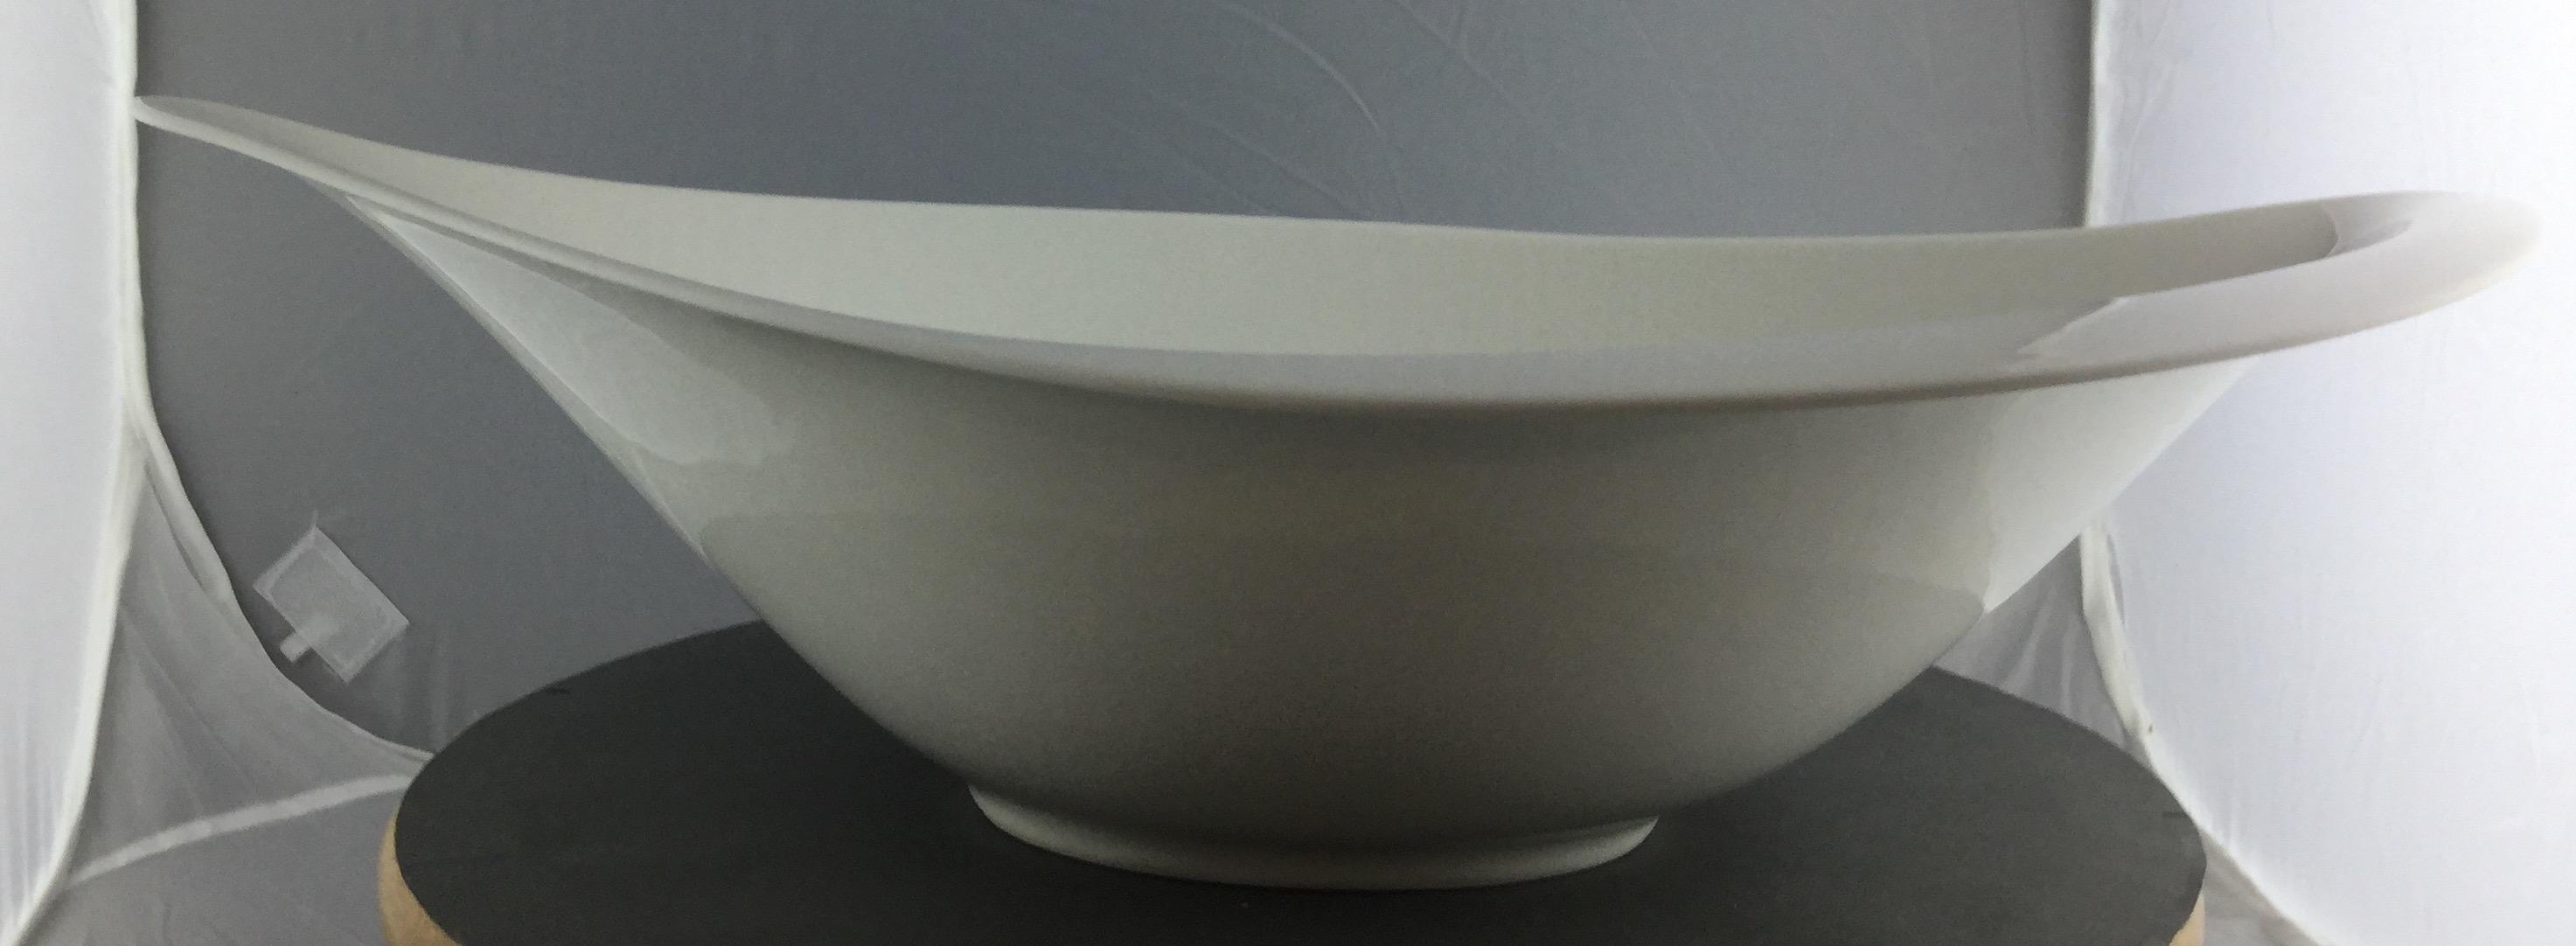 Villeroy--Boch-Salad-Bowl_62631F.jpg